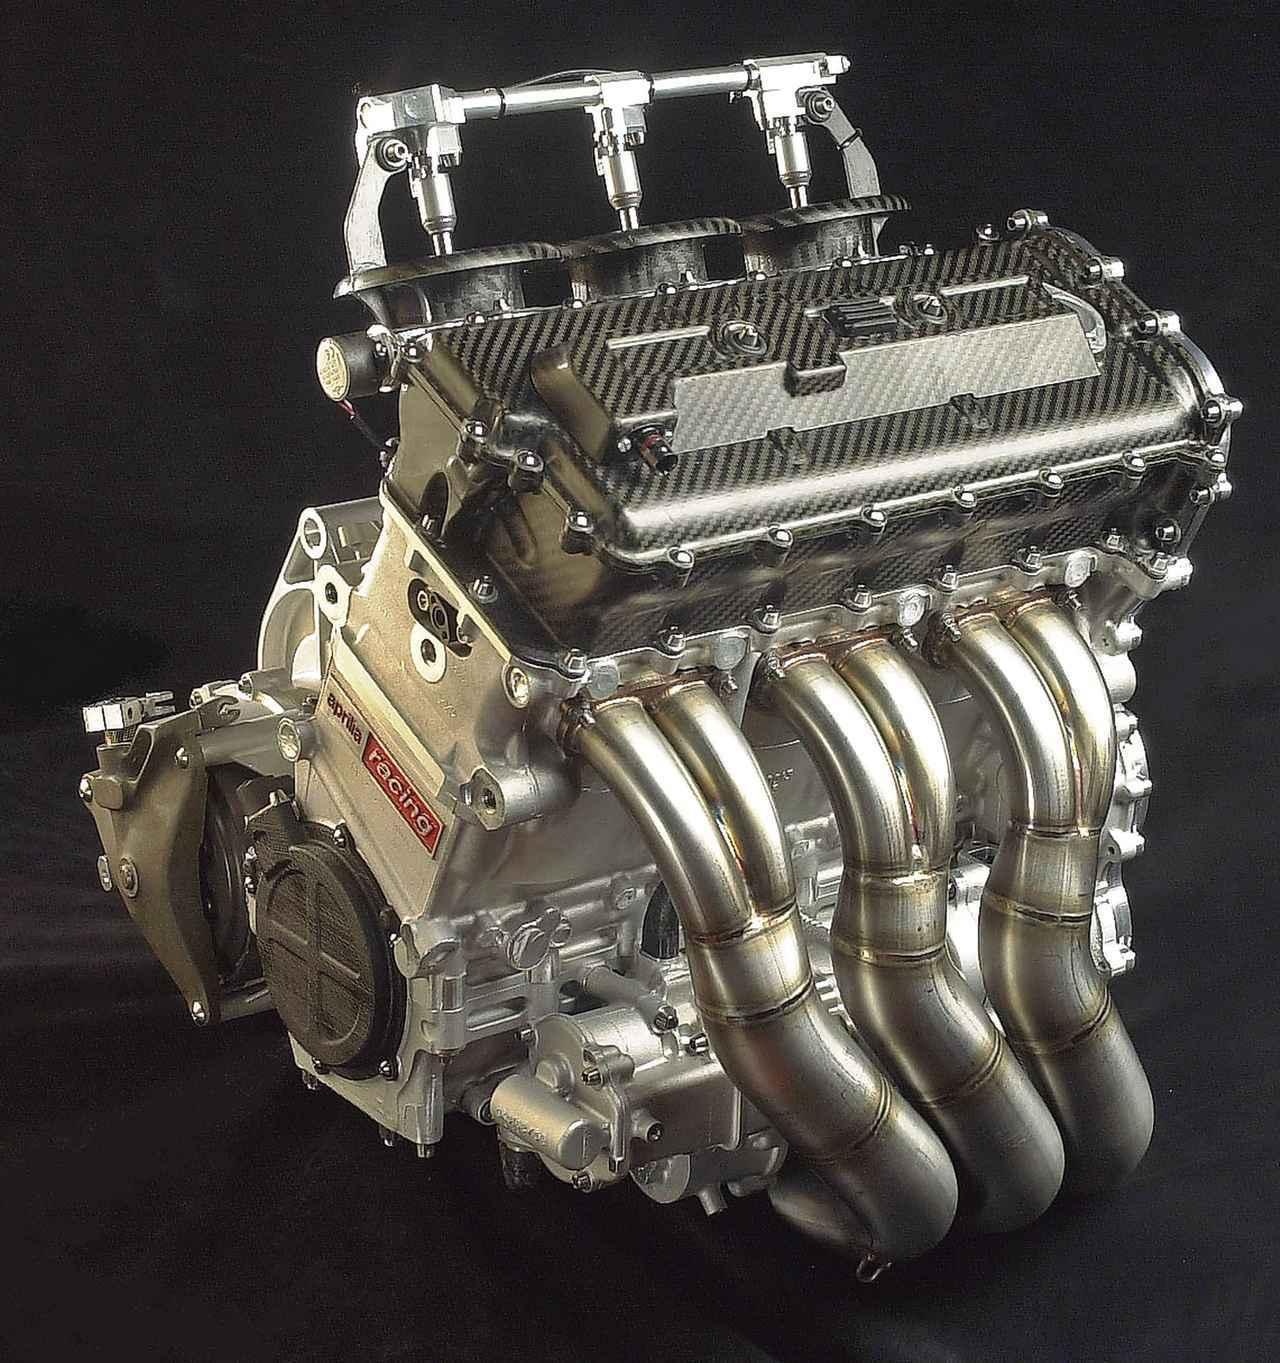 画像: 気筒数が少ないほど最低重量が低くなるレギュレーションを生かし、3気筒エンジンを採用して軽量小型なマシーンを狙ったのがアプリリアだ。コスワースが開発した並列3気筒エンジンは、いち早くニューマチックバルブスプリング(現在はモトGPマシーン全車が採用する)を搭載し、先見の明があったといえよう。